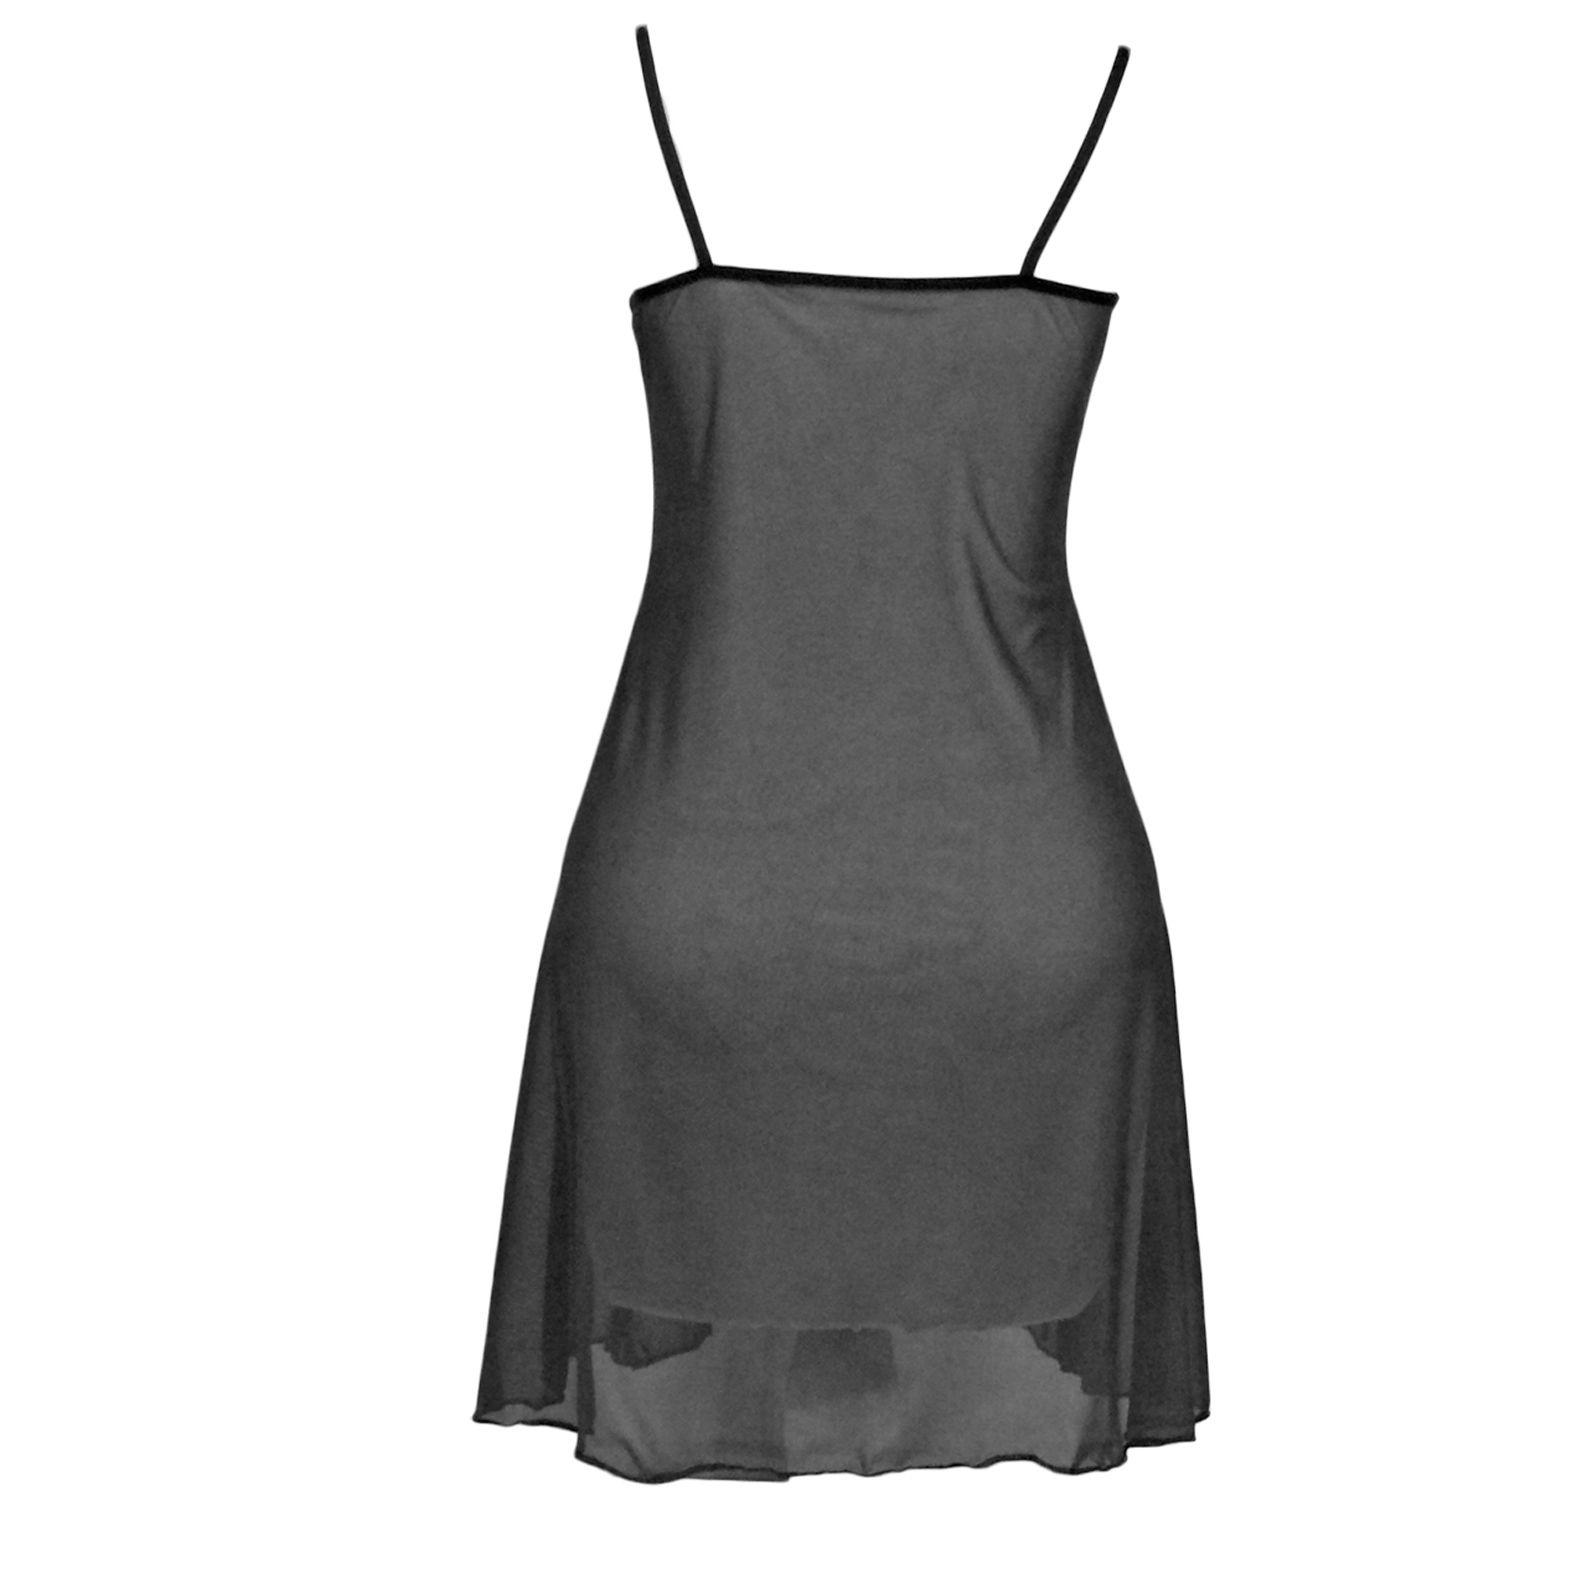 لباس خواب زنانه کد 1630-B -  - 3